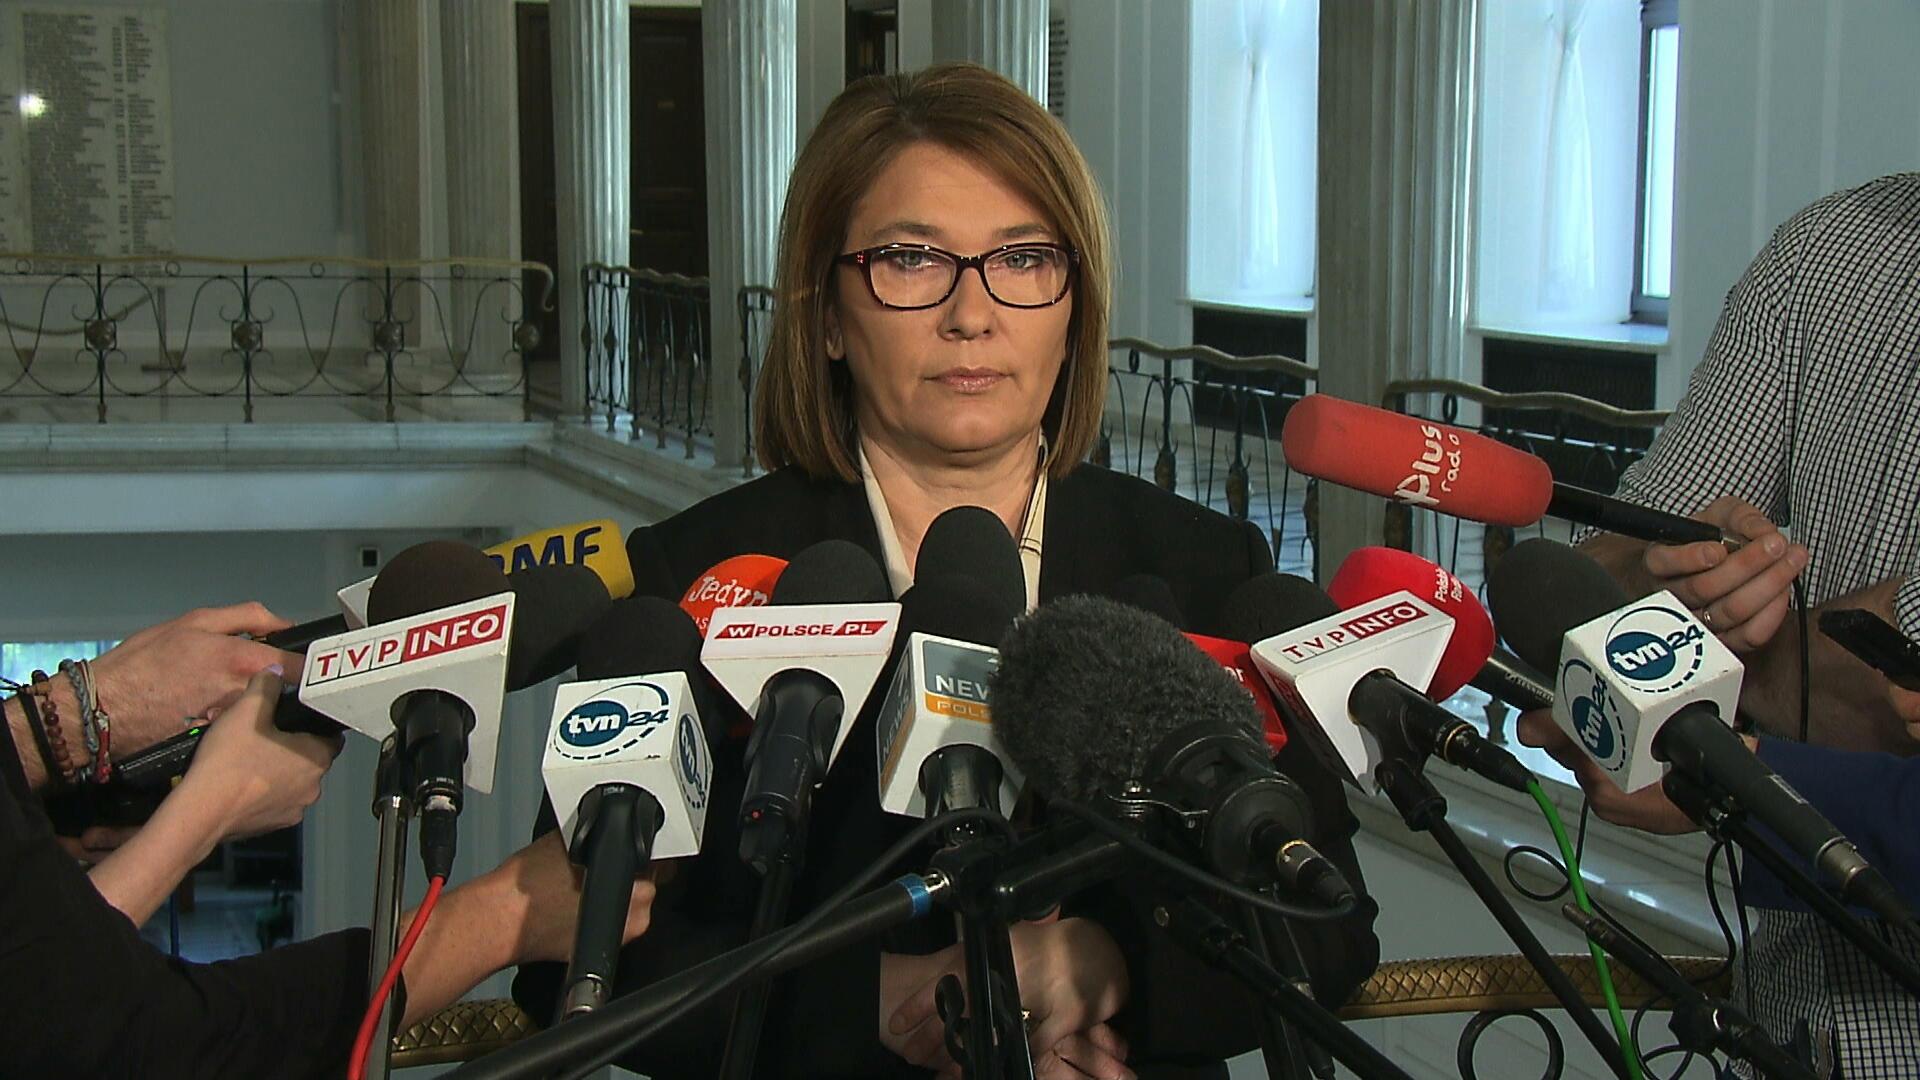 Rzeczniczka PiS: nie docierają do nas sygnały, że członkowie partii są niezadowoleni